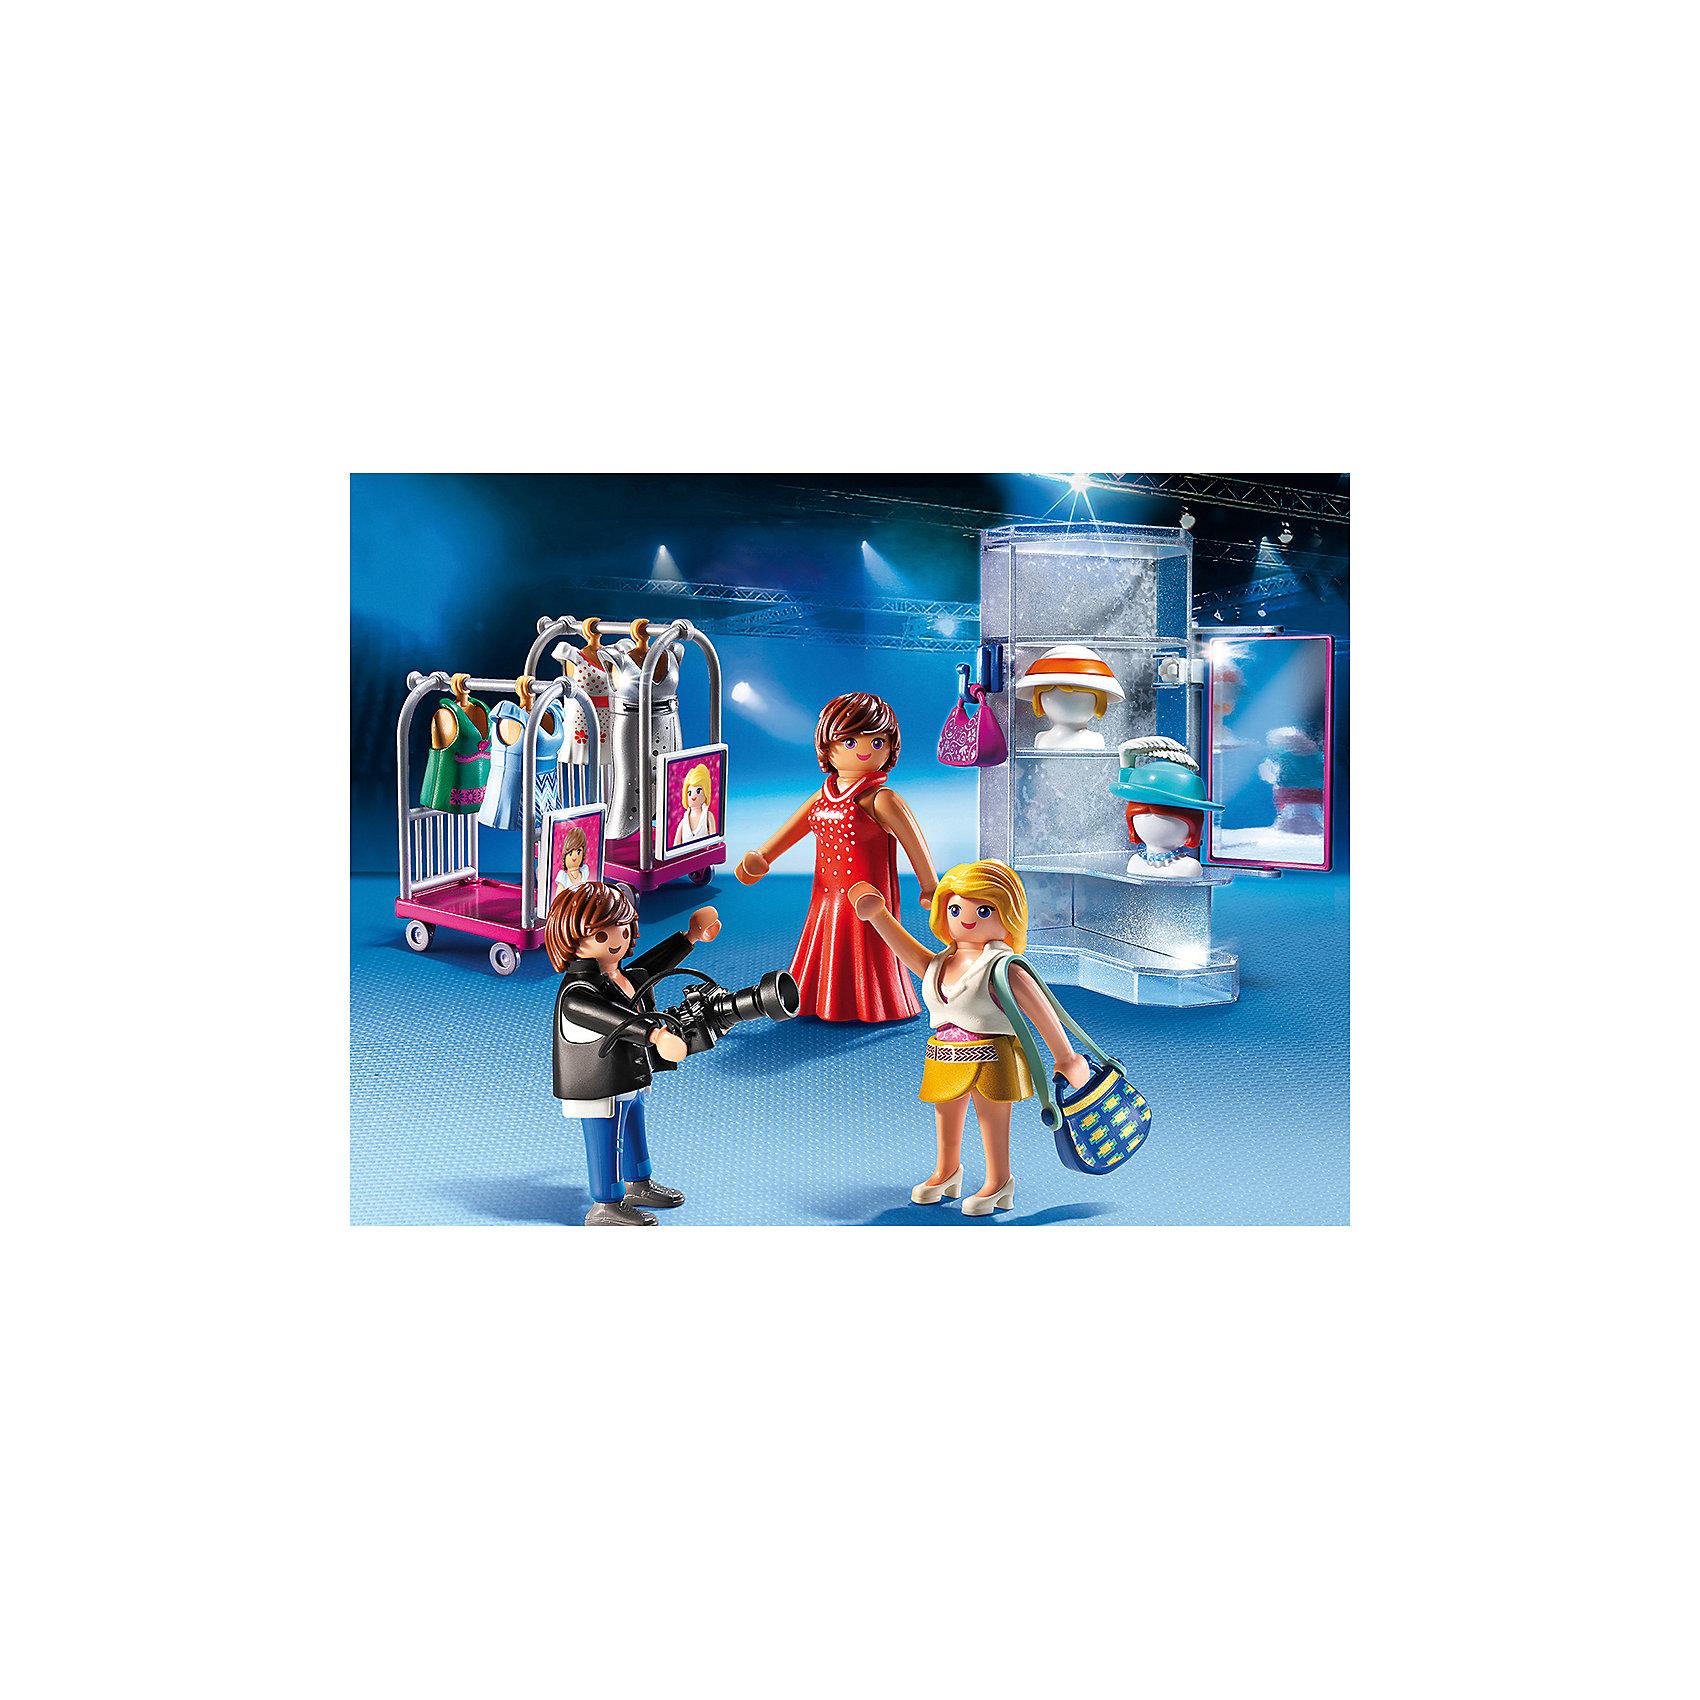 PLAYMOBIL® Фэшн и Стиль: Фотосессия, PLAYMOBIL playmobil® зоопарк стая фламинго playmobil